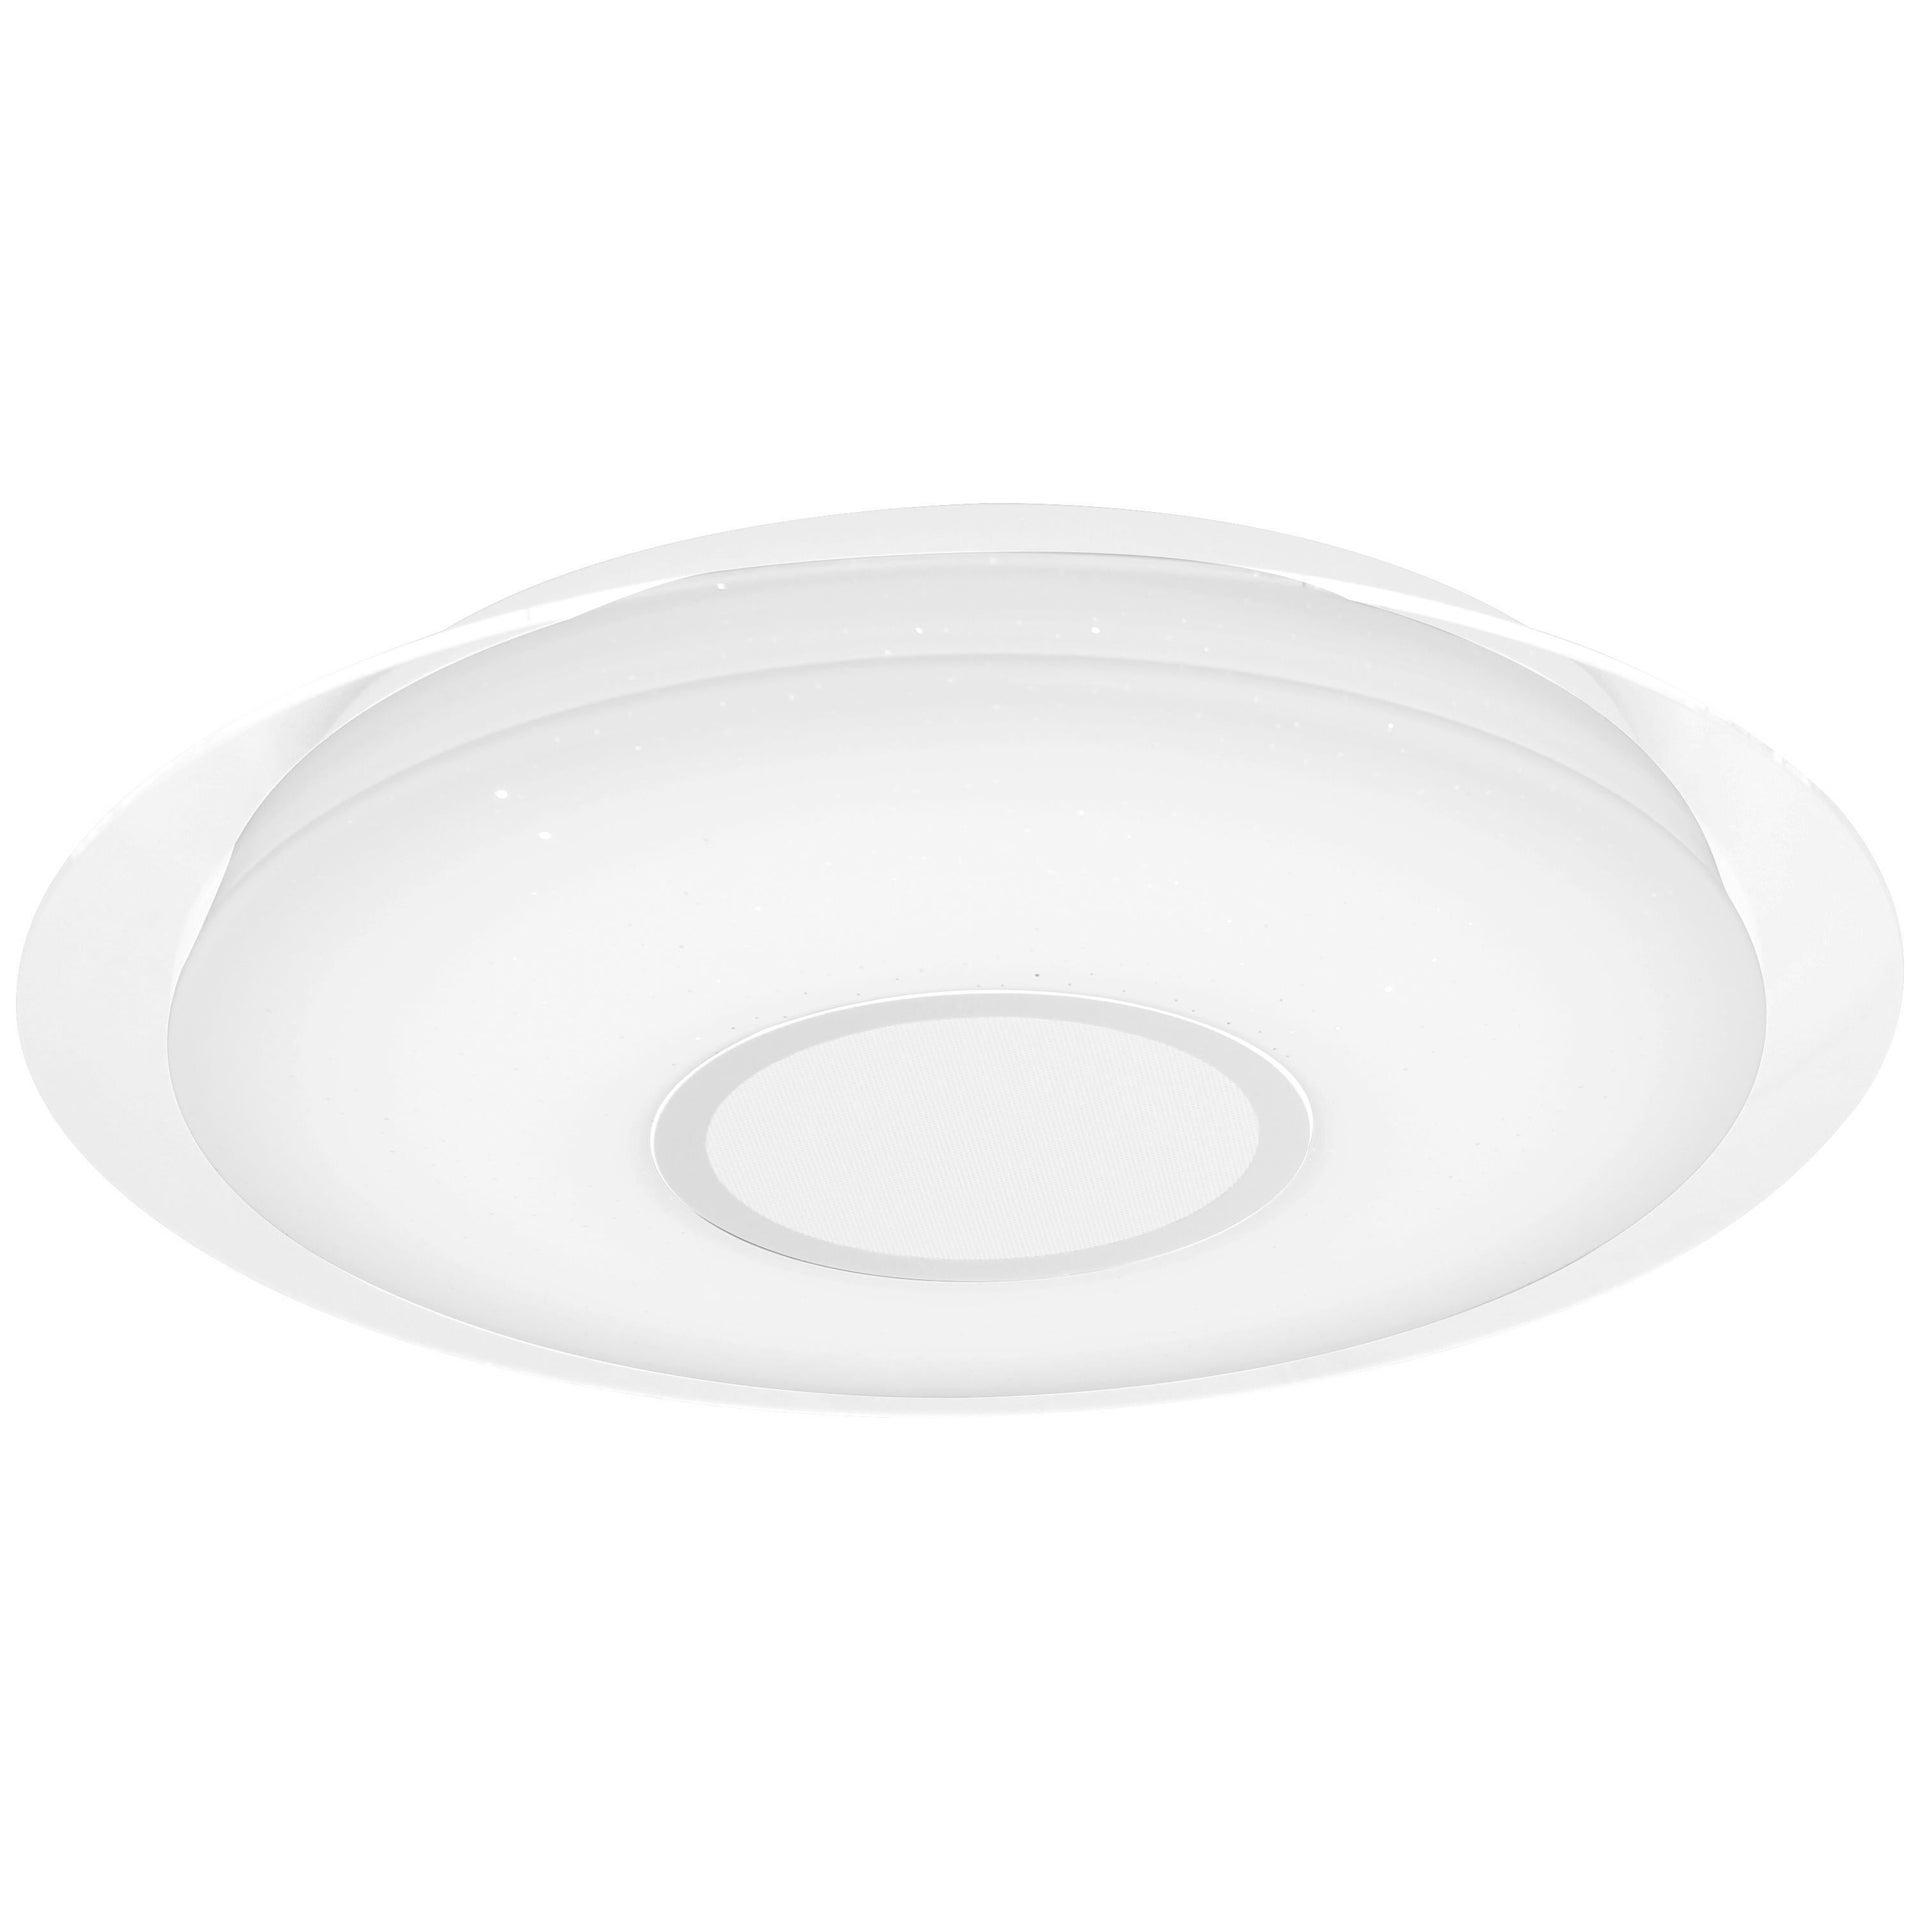 Plafoniera moderno Vizzini LED integrato bianco D. 40 cm 40x40 cm, INSPIRE - 11